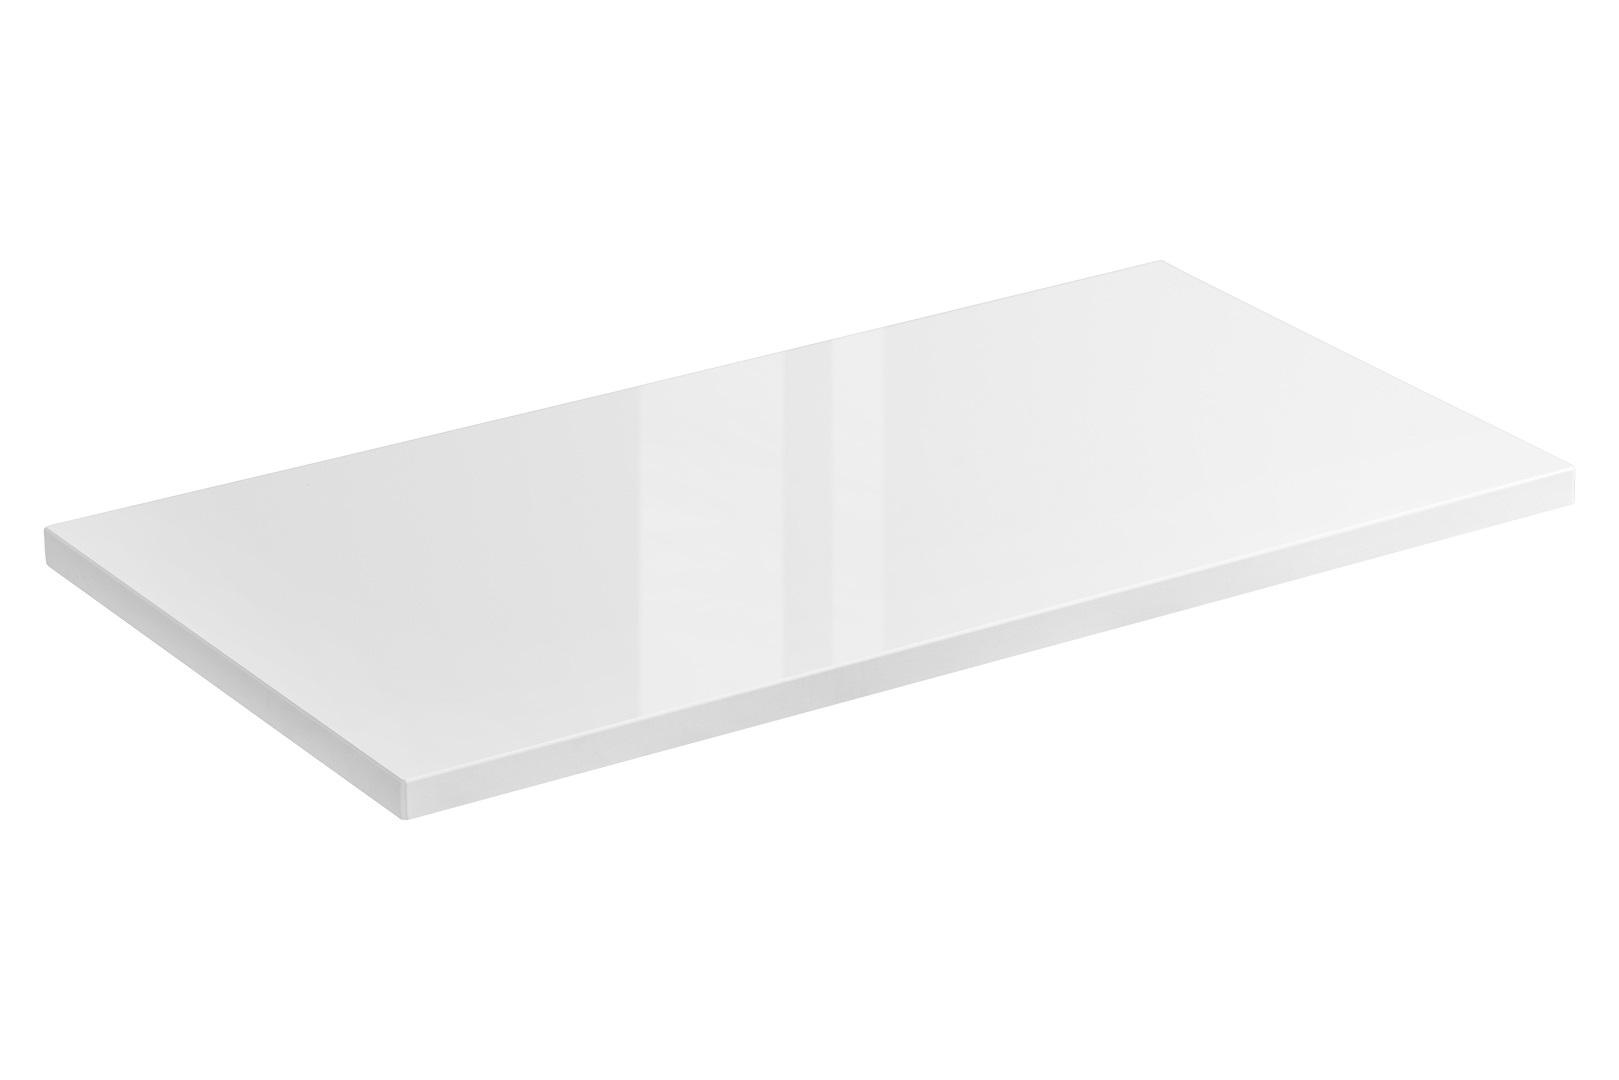 ArtCom Doska pod umývadlo Capri / biela Capri | biela: Doska pod umývadlo 890 - 60 cm